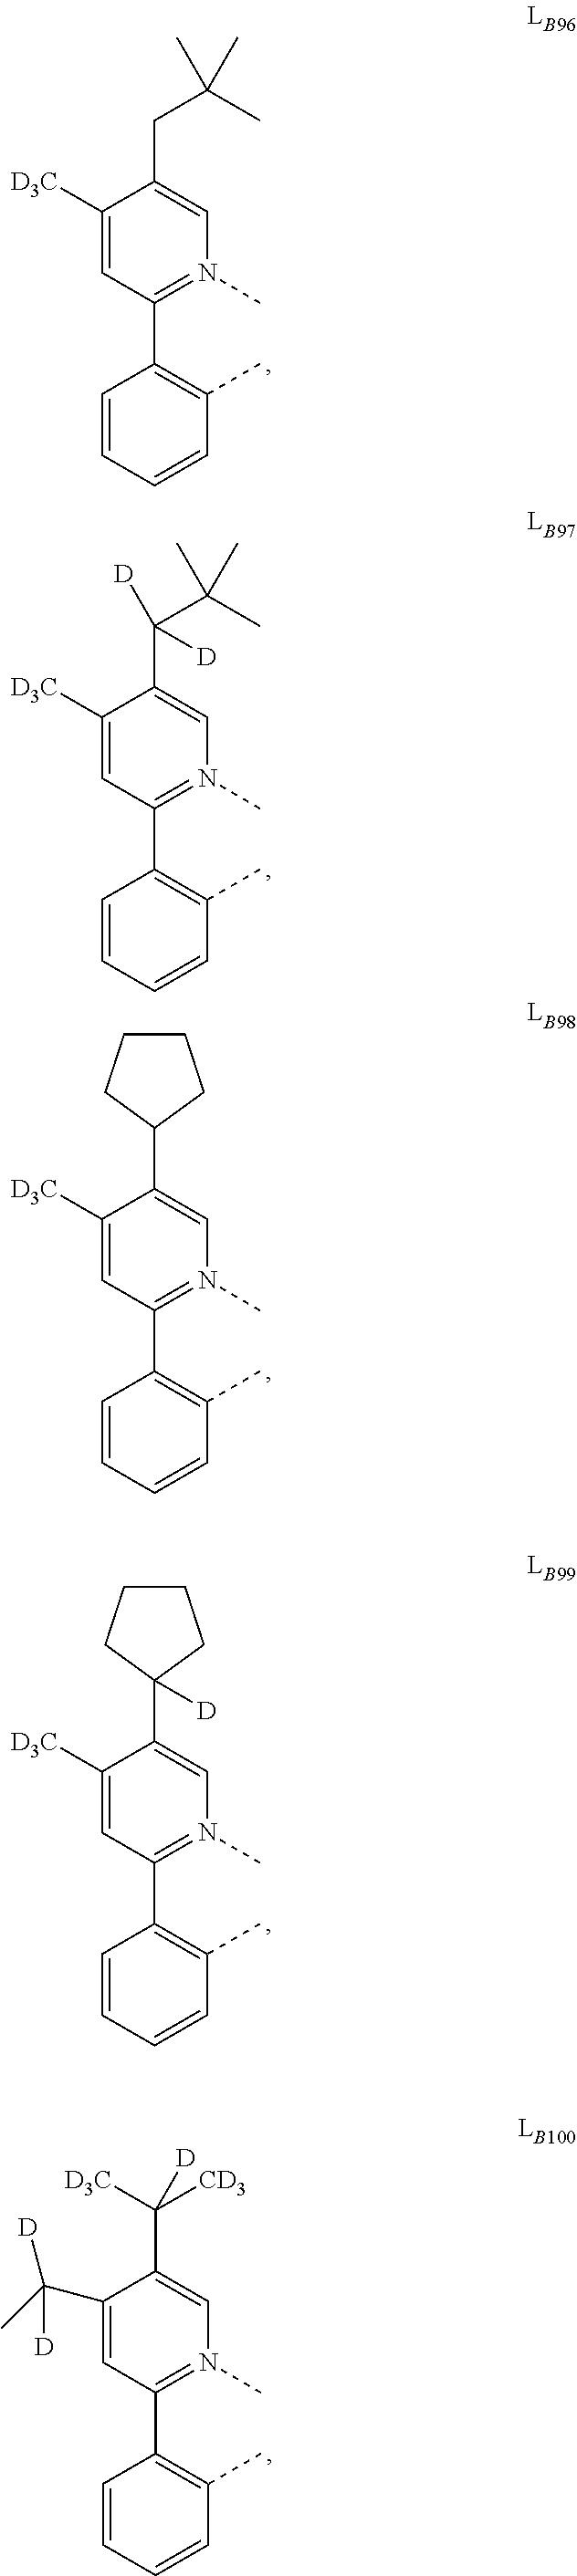 Figure US10003034-20180619-C00032